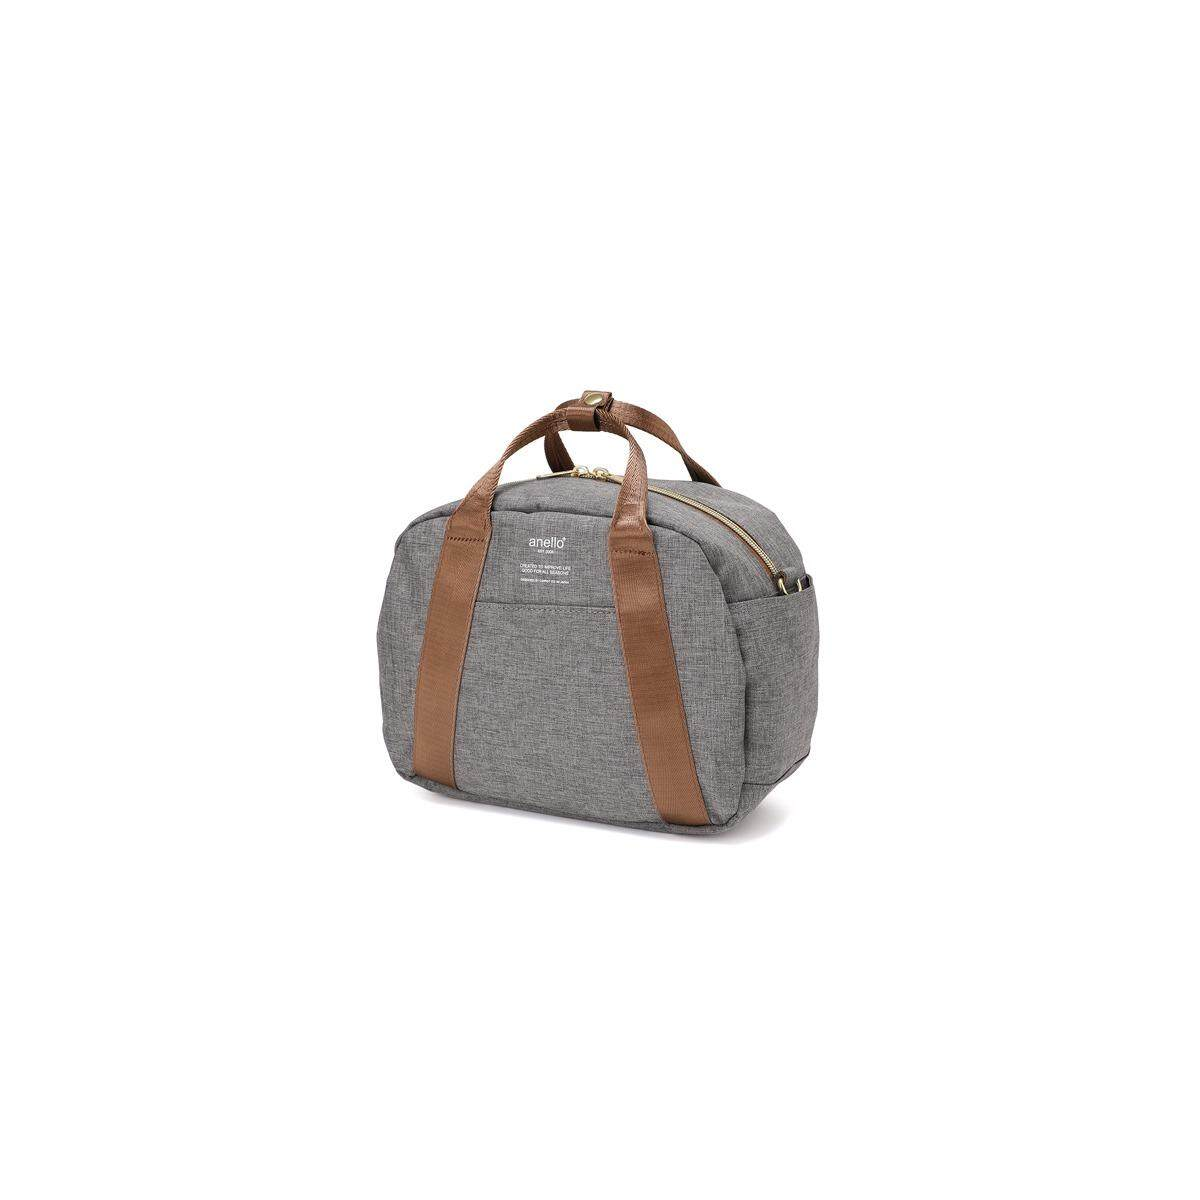 ยี่ห้อนี้ดีไหม  สุรินทร์ anello กระเป๋า สะพายข้าง Mini Boston Shoulder Bag_AT-C1835